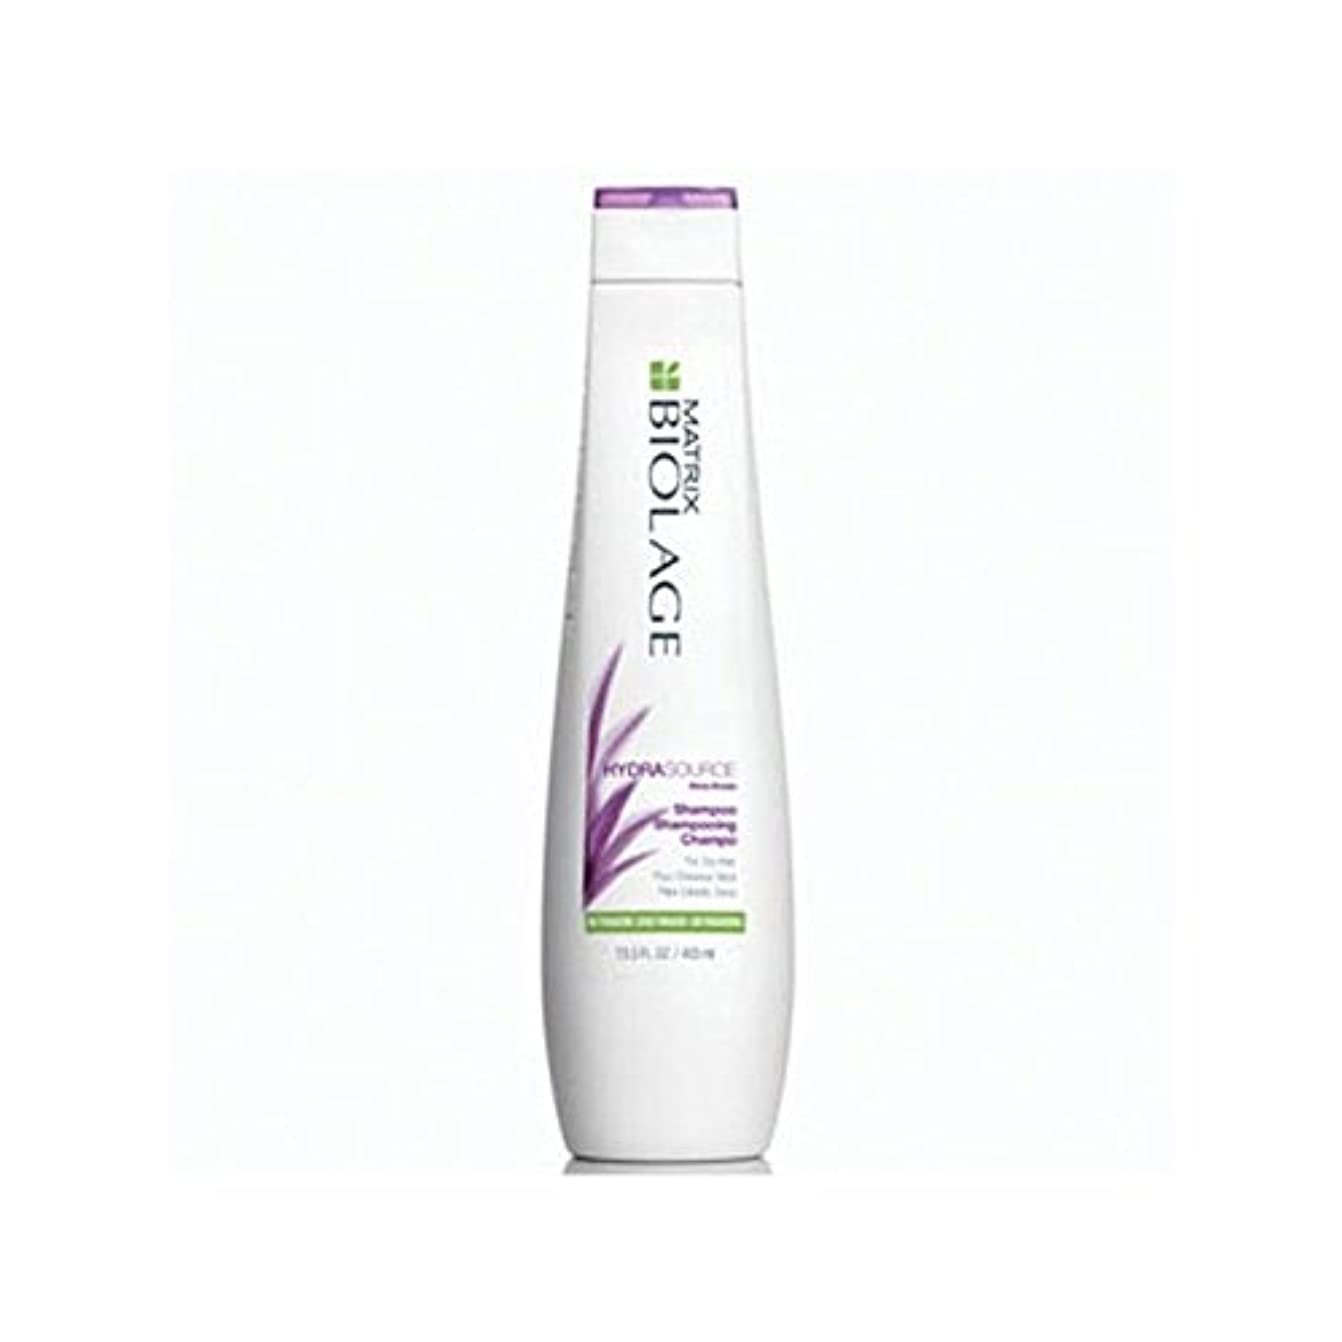 コア条件付きダンプマトリックスバイオレイジのシャンプー(400ミリリットル) x2 - Matrix Biolage Hydrasource Shampoo (400ml) (Pack of 2) [並行輸入品]